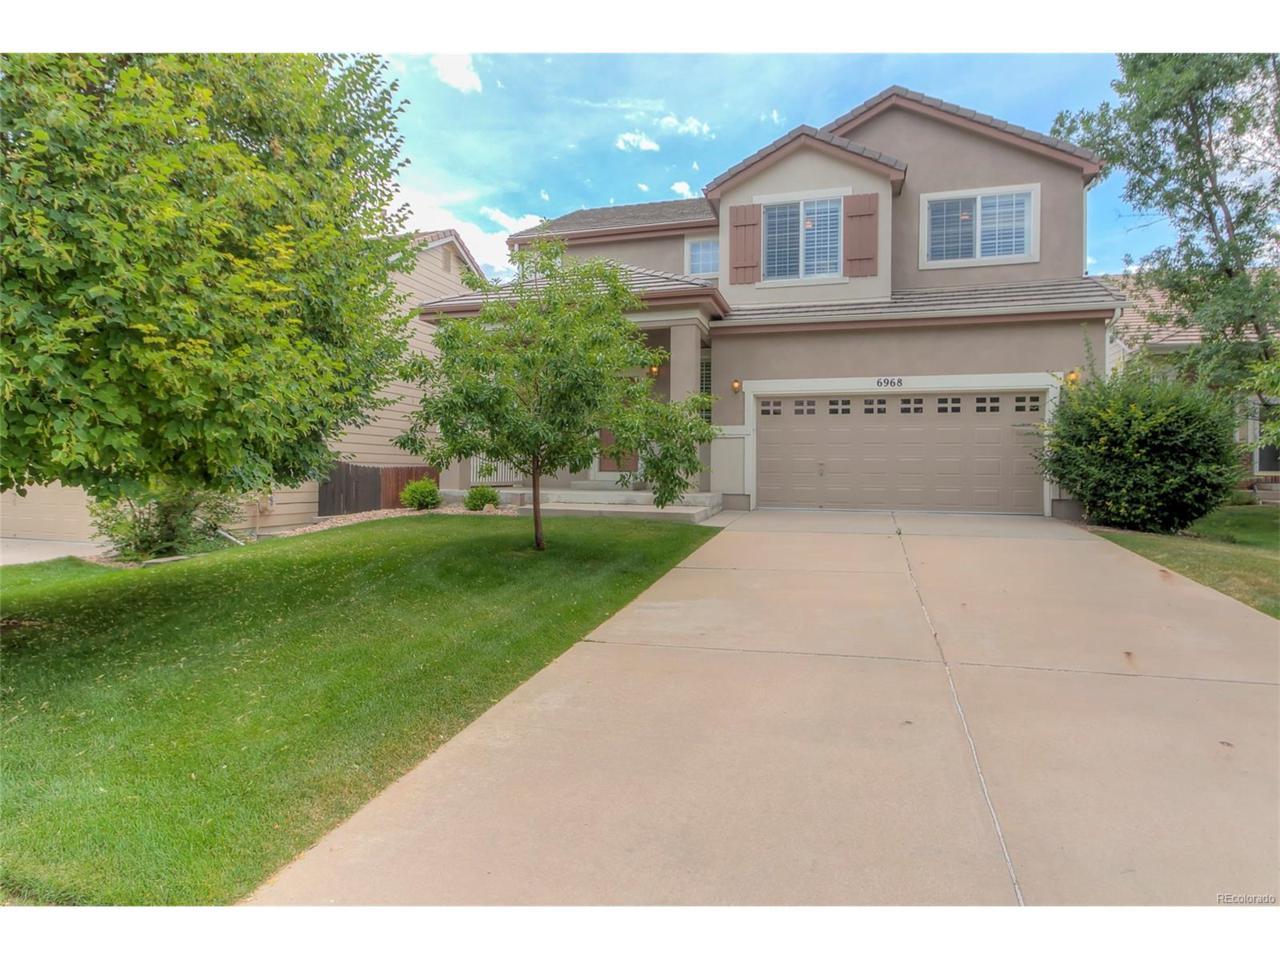 6968 W Chatfield Place, Littleton, CO 80128 (MLS #8678142) :: 8z Real Estate